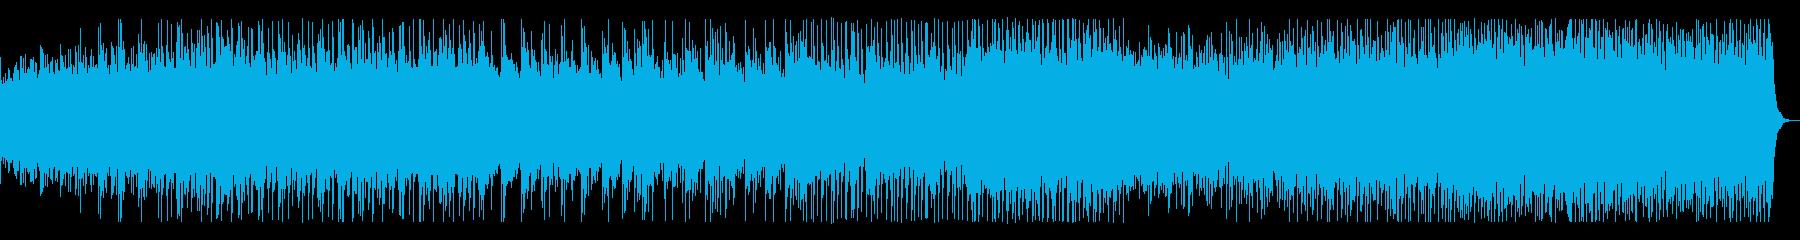 一区切りでトロピカル、スピード感ある曲の再生済みの波形